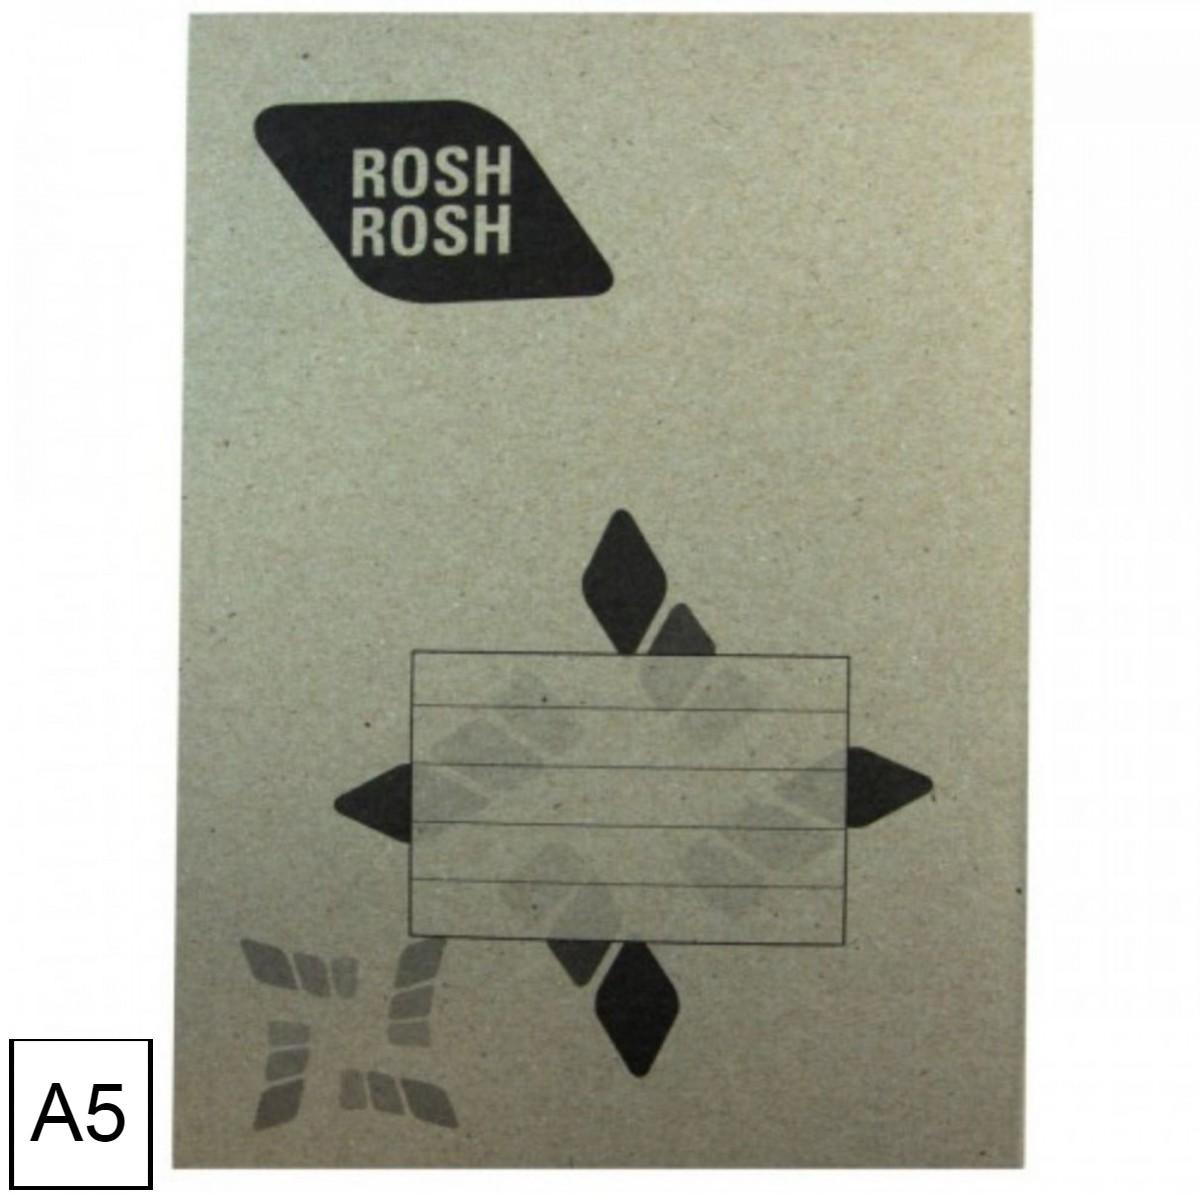 מחברת סיכה שורה חומה Rosh Rosh A5